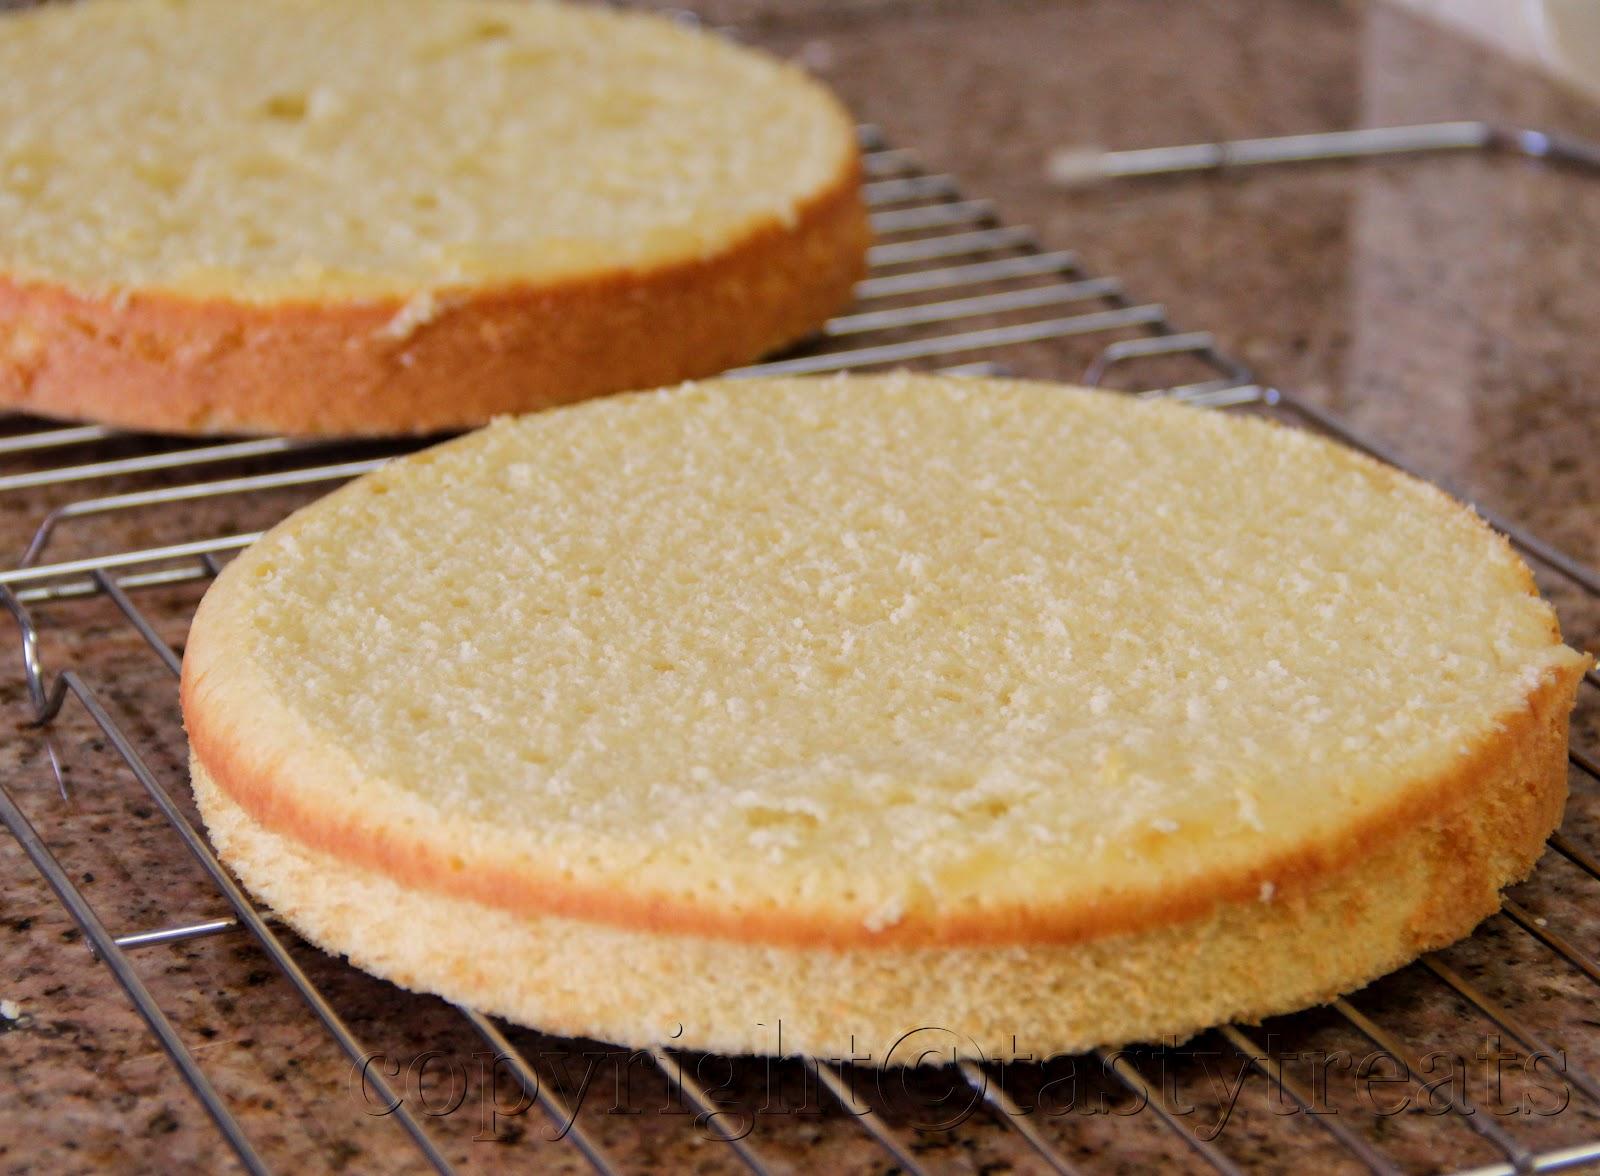 Tasty Treats Another Birthday and A Tiramisu Cake